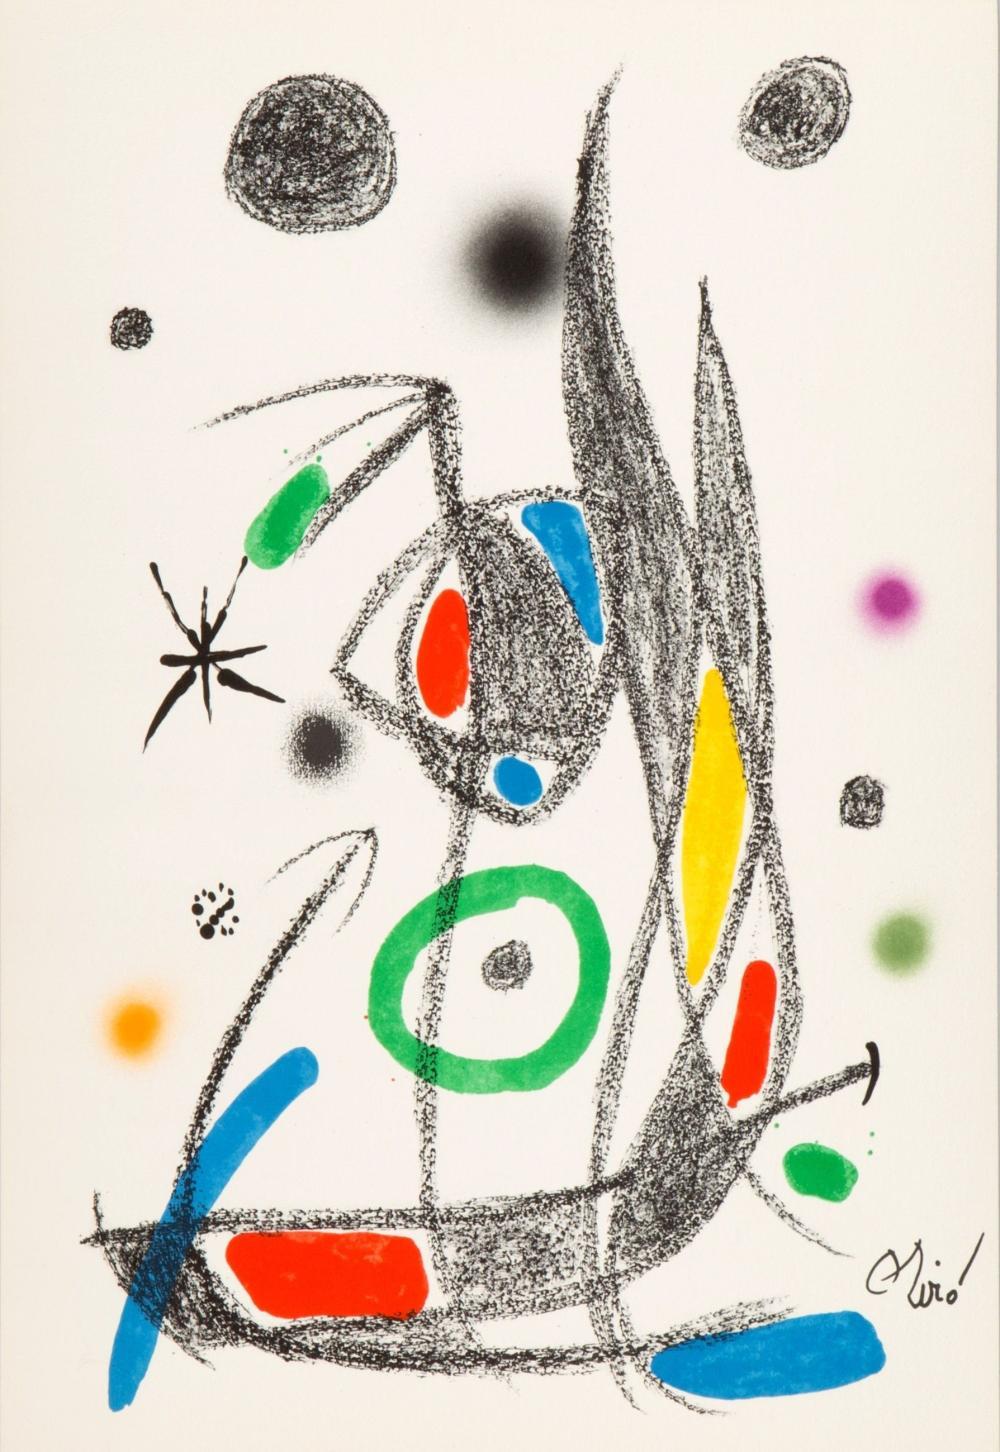 Joan Miro - Maravillas con Variaciones Acrósticas XIV, 1975